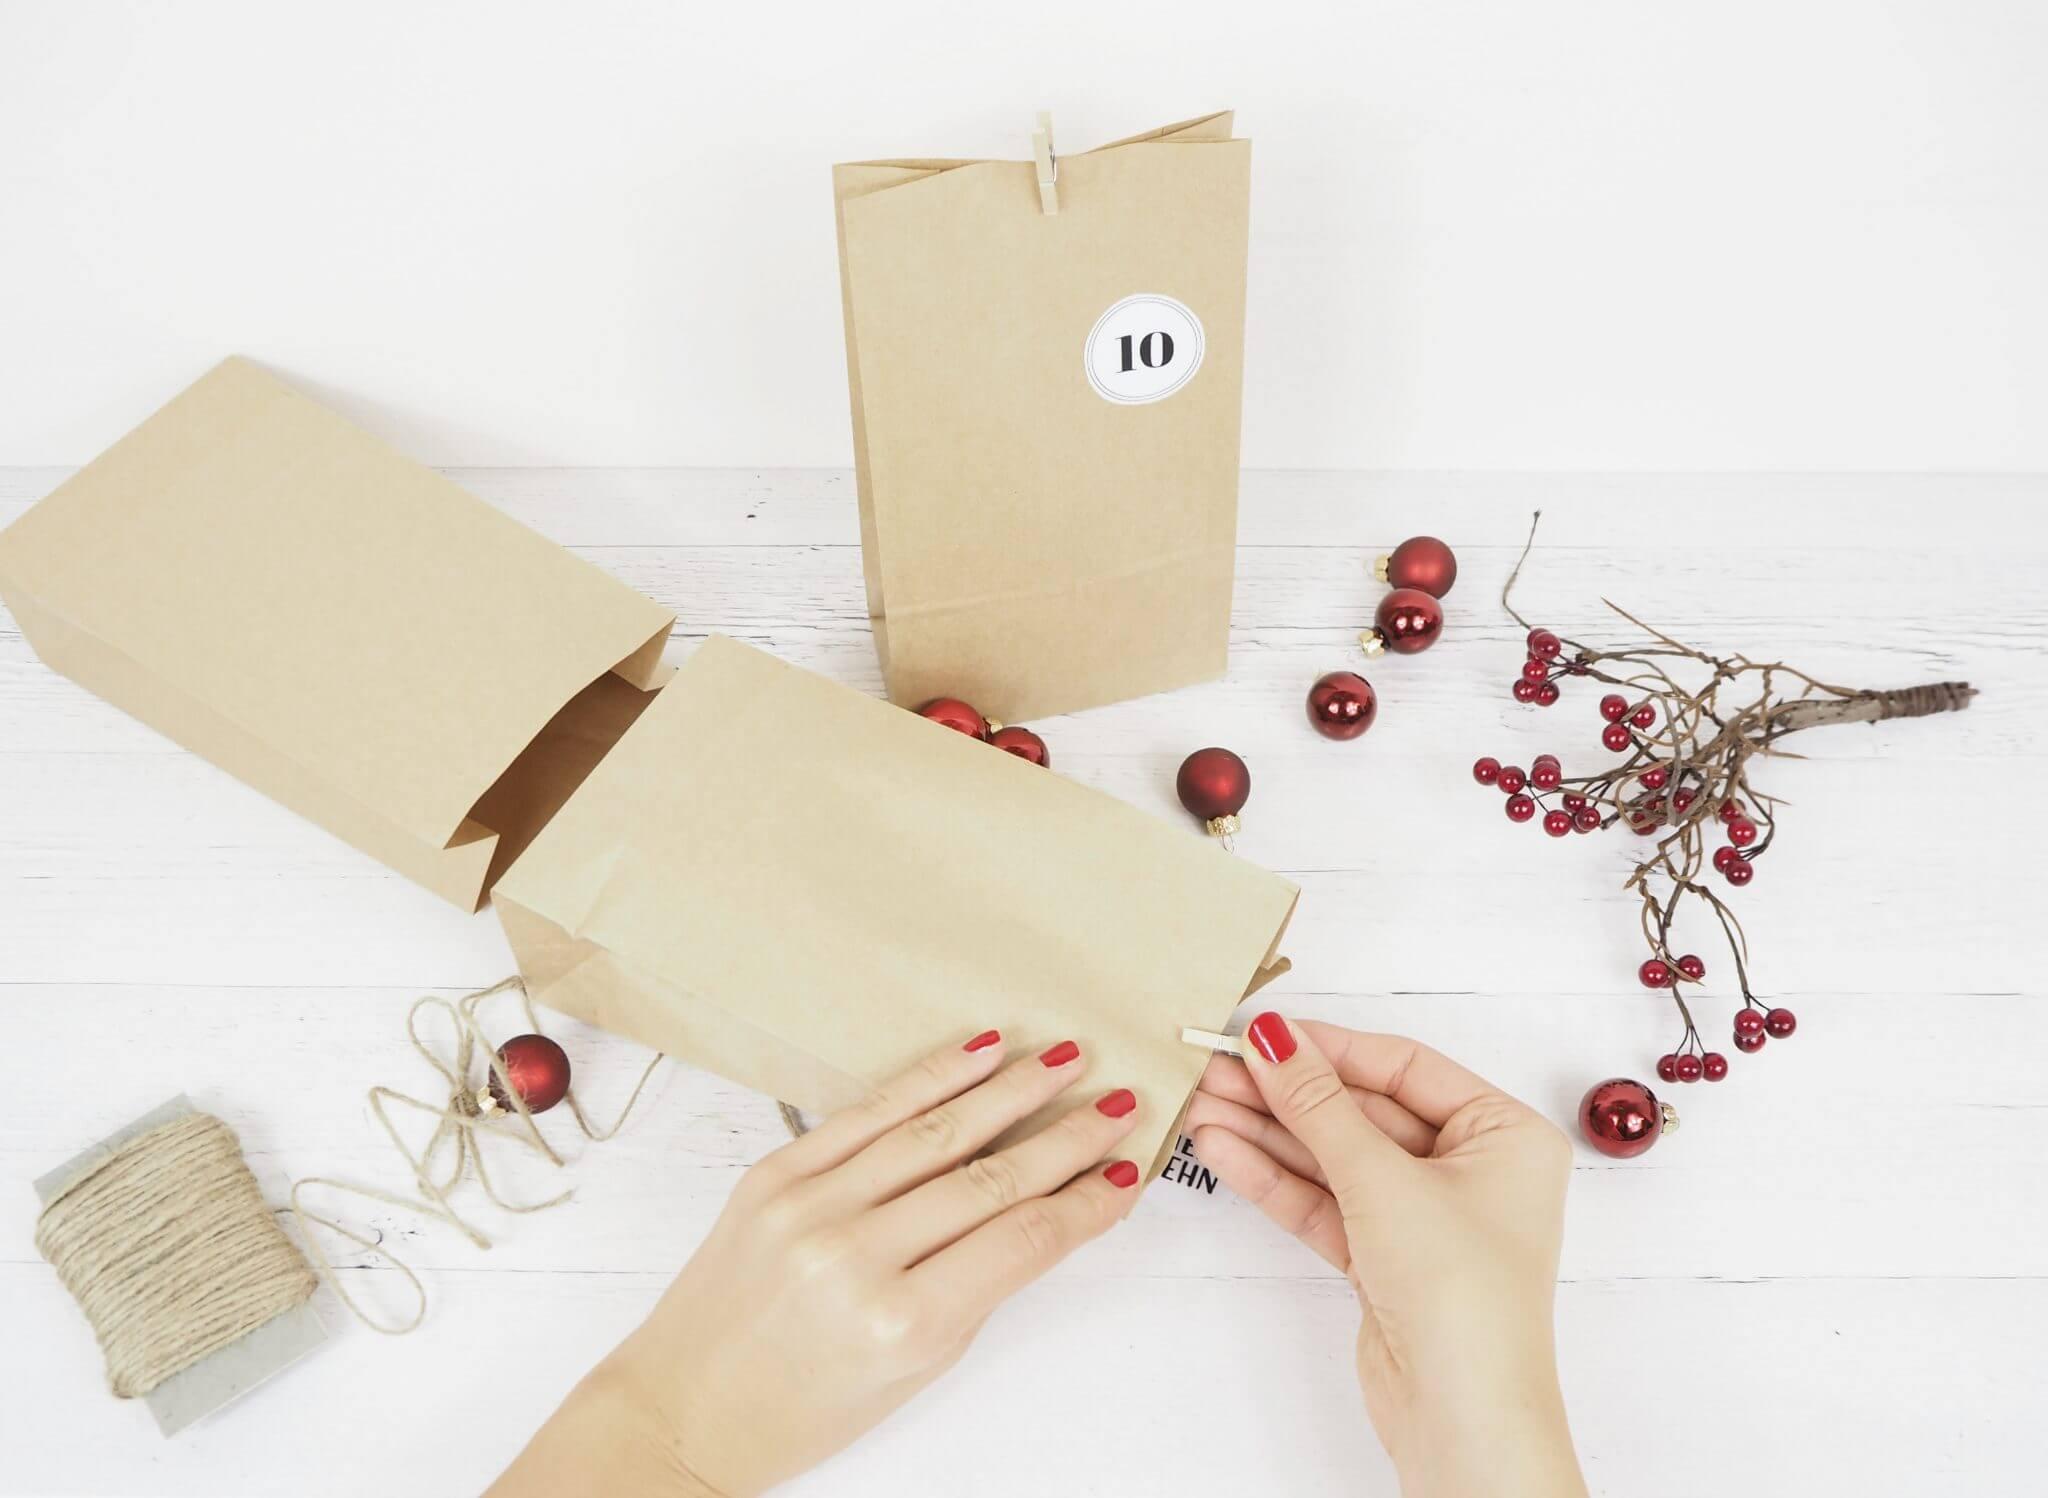 Papiertüten für den Adventskalender werden befüllt und verschlossen